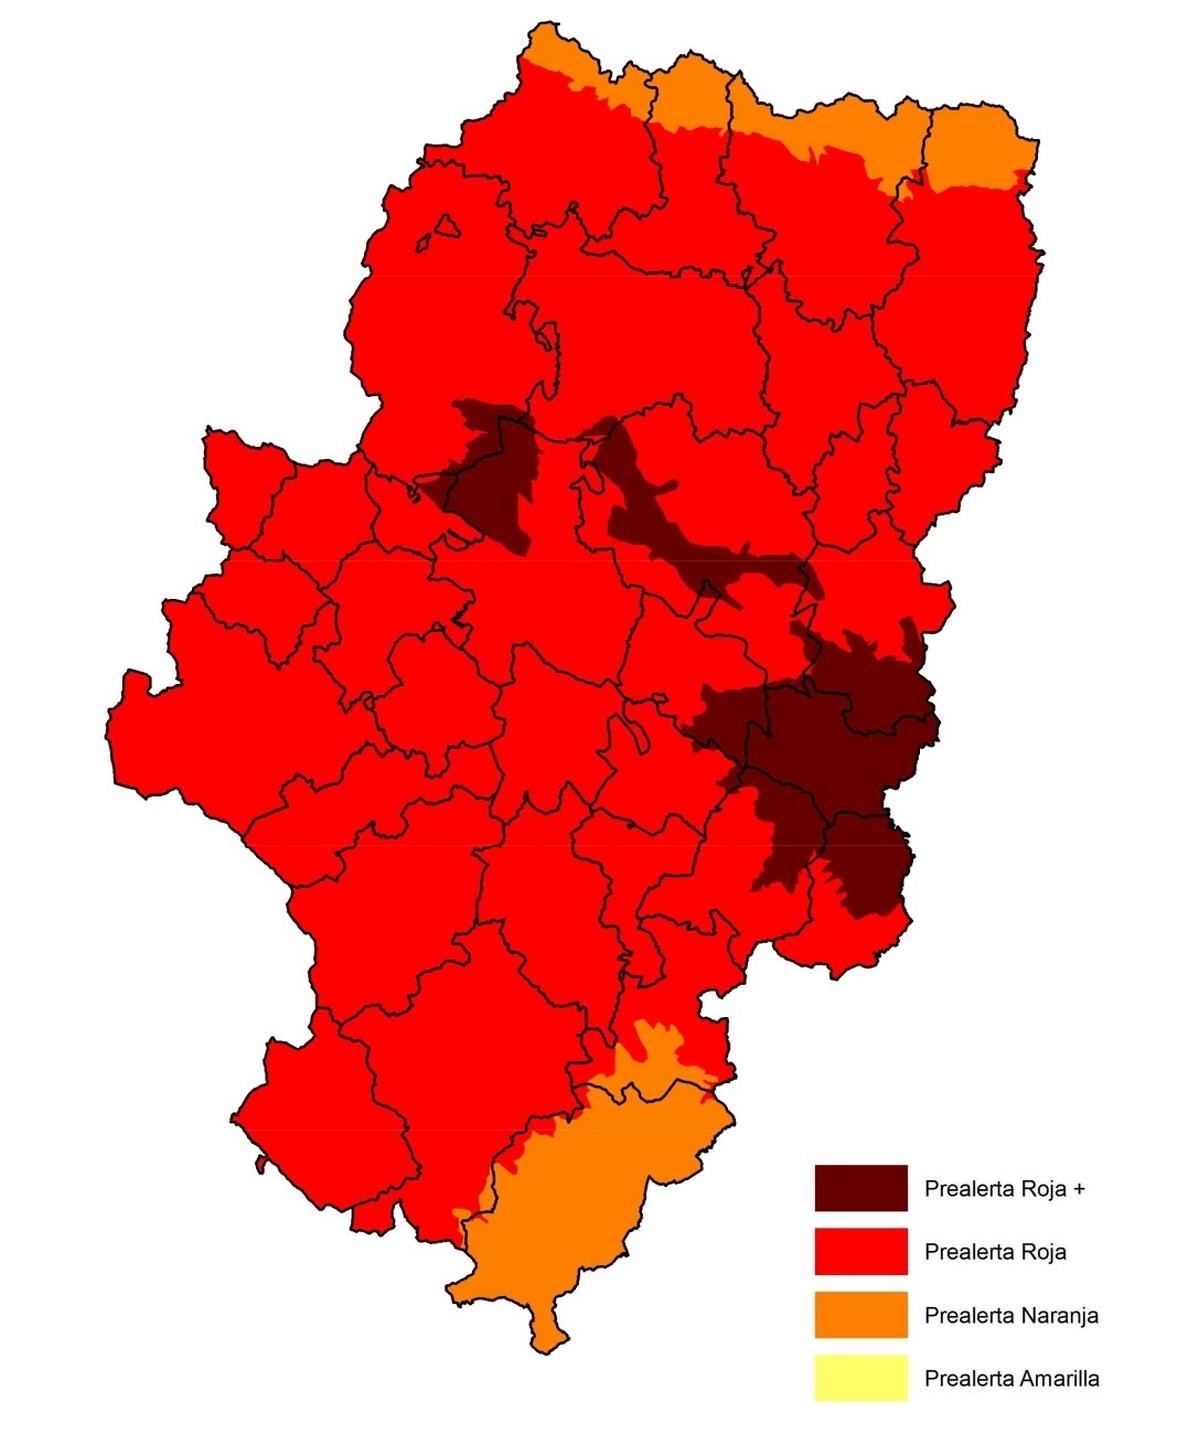 Activada la prealerta roja+ por riesgo de incendios forestales